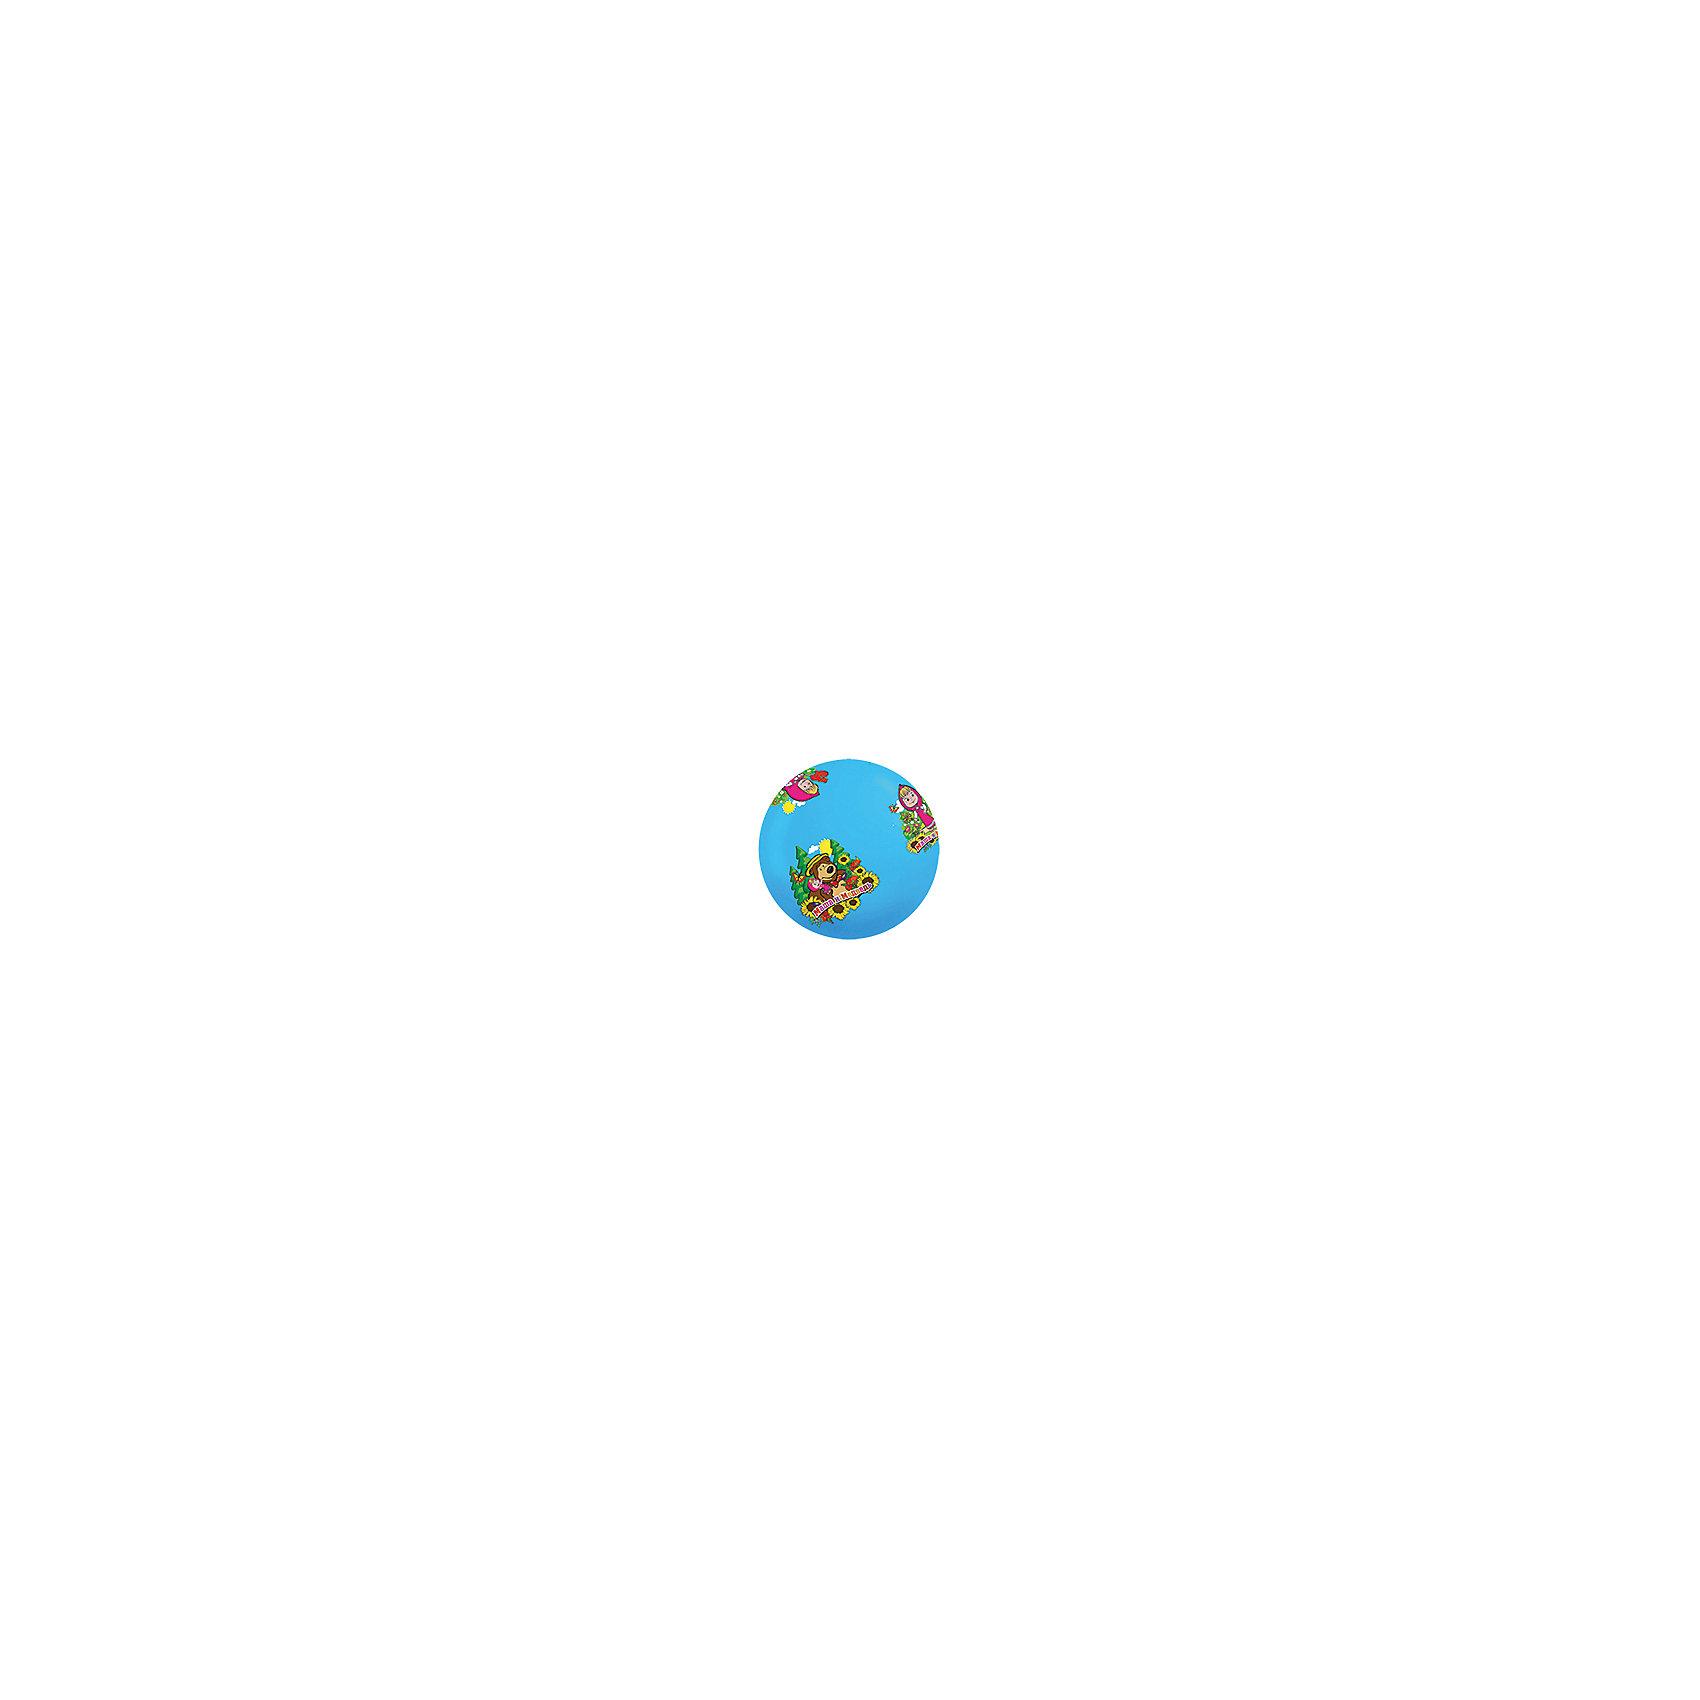 Мяч Маша и Медведь 23см, в ассортиментеМяч Маша и Медведь, Играем Вместе, прекрасно подойдет для веселых и подвижных игр как дома так и на улице. Мяч выполнен из прочного износостойкого материла и украшен яркой картинкой с изображением Маши и Миши - популярных героев отечественного мультсериала Маша и Медведь. Не выцветает на солнце и полностью безопасен для детского здоровья. Продается в сдутом виде, упаковка - сетка. В ассортименте представлены мячи голубого и розового цветов. <br><br>Дополнительная информация:<br><br>- Материал: ПВХ.<br>- Диаметр мяча: 23 см.<br>- Вес: 100 гр.<br><br>Мяч Маша и Медведь, Играем Вместе, можно купить в нашем интернет-магазине. <br><br>ВНИМАНИЕ! Данный артикул имеется в наличии в разных цветовых исполнениях (розовый, голубой). К сожалению, заранее выбрать определенный цвет не возможно.<br><br>Ширина мм: 275<br>Глубина мм: 212<br>Высота мм: 2<br>Вес г: 100<br>Возраст от месяцев: 36<br>Возраст до месяцев: 96<br>Пол: Женский<br>Возраст: Детский<br>SKU: 4262019